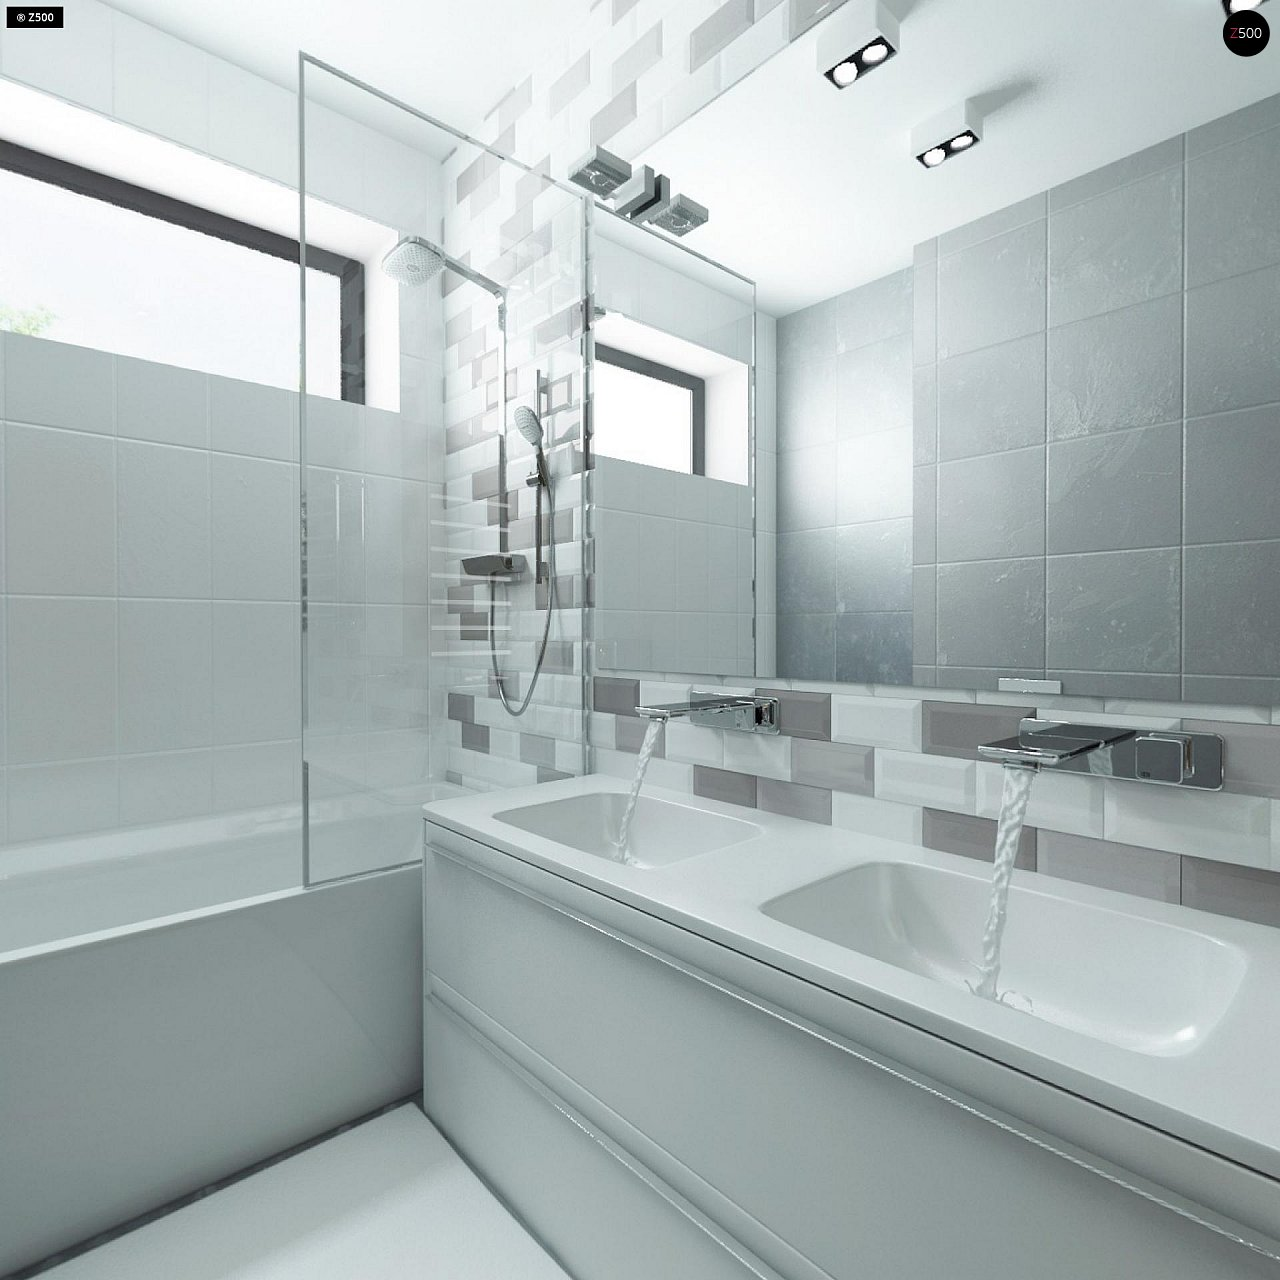 Современный комфортабельный одноэтажный дом с функциональным интерьером и уютной террасой. 17